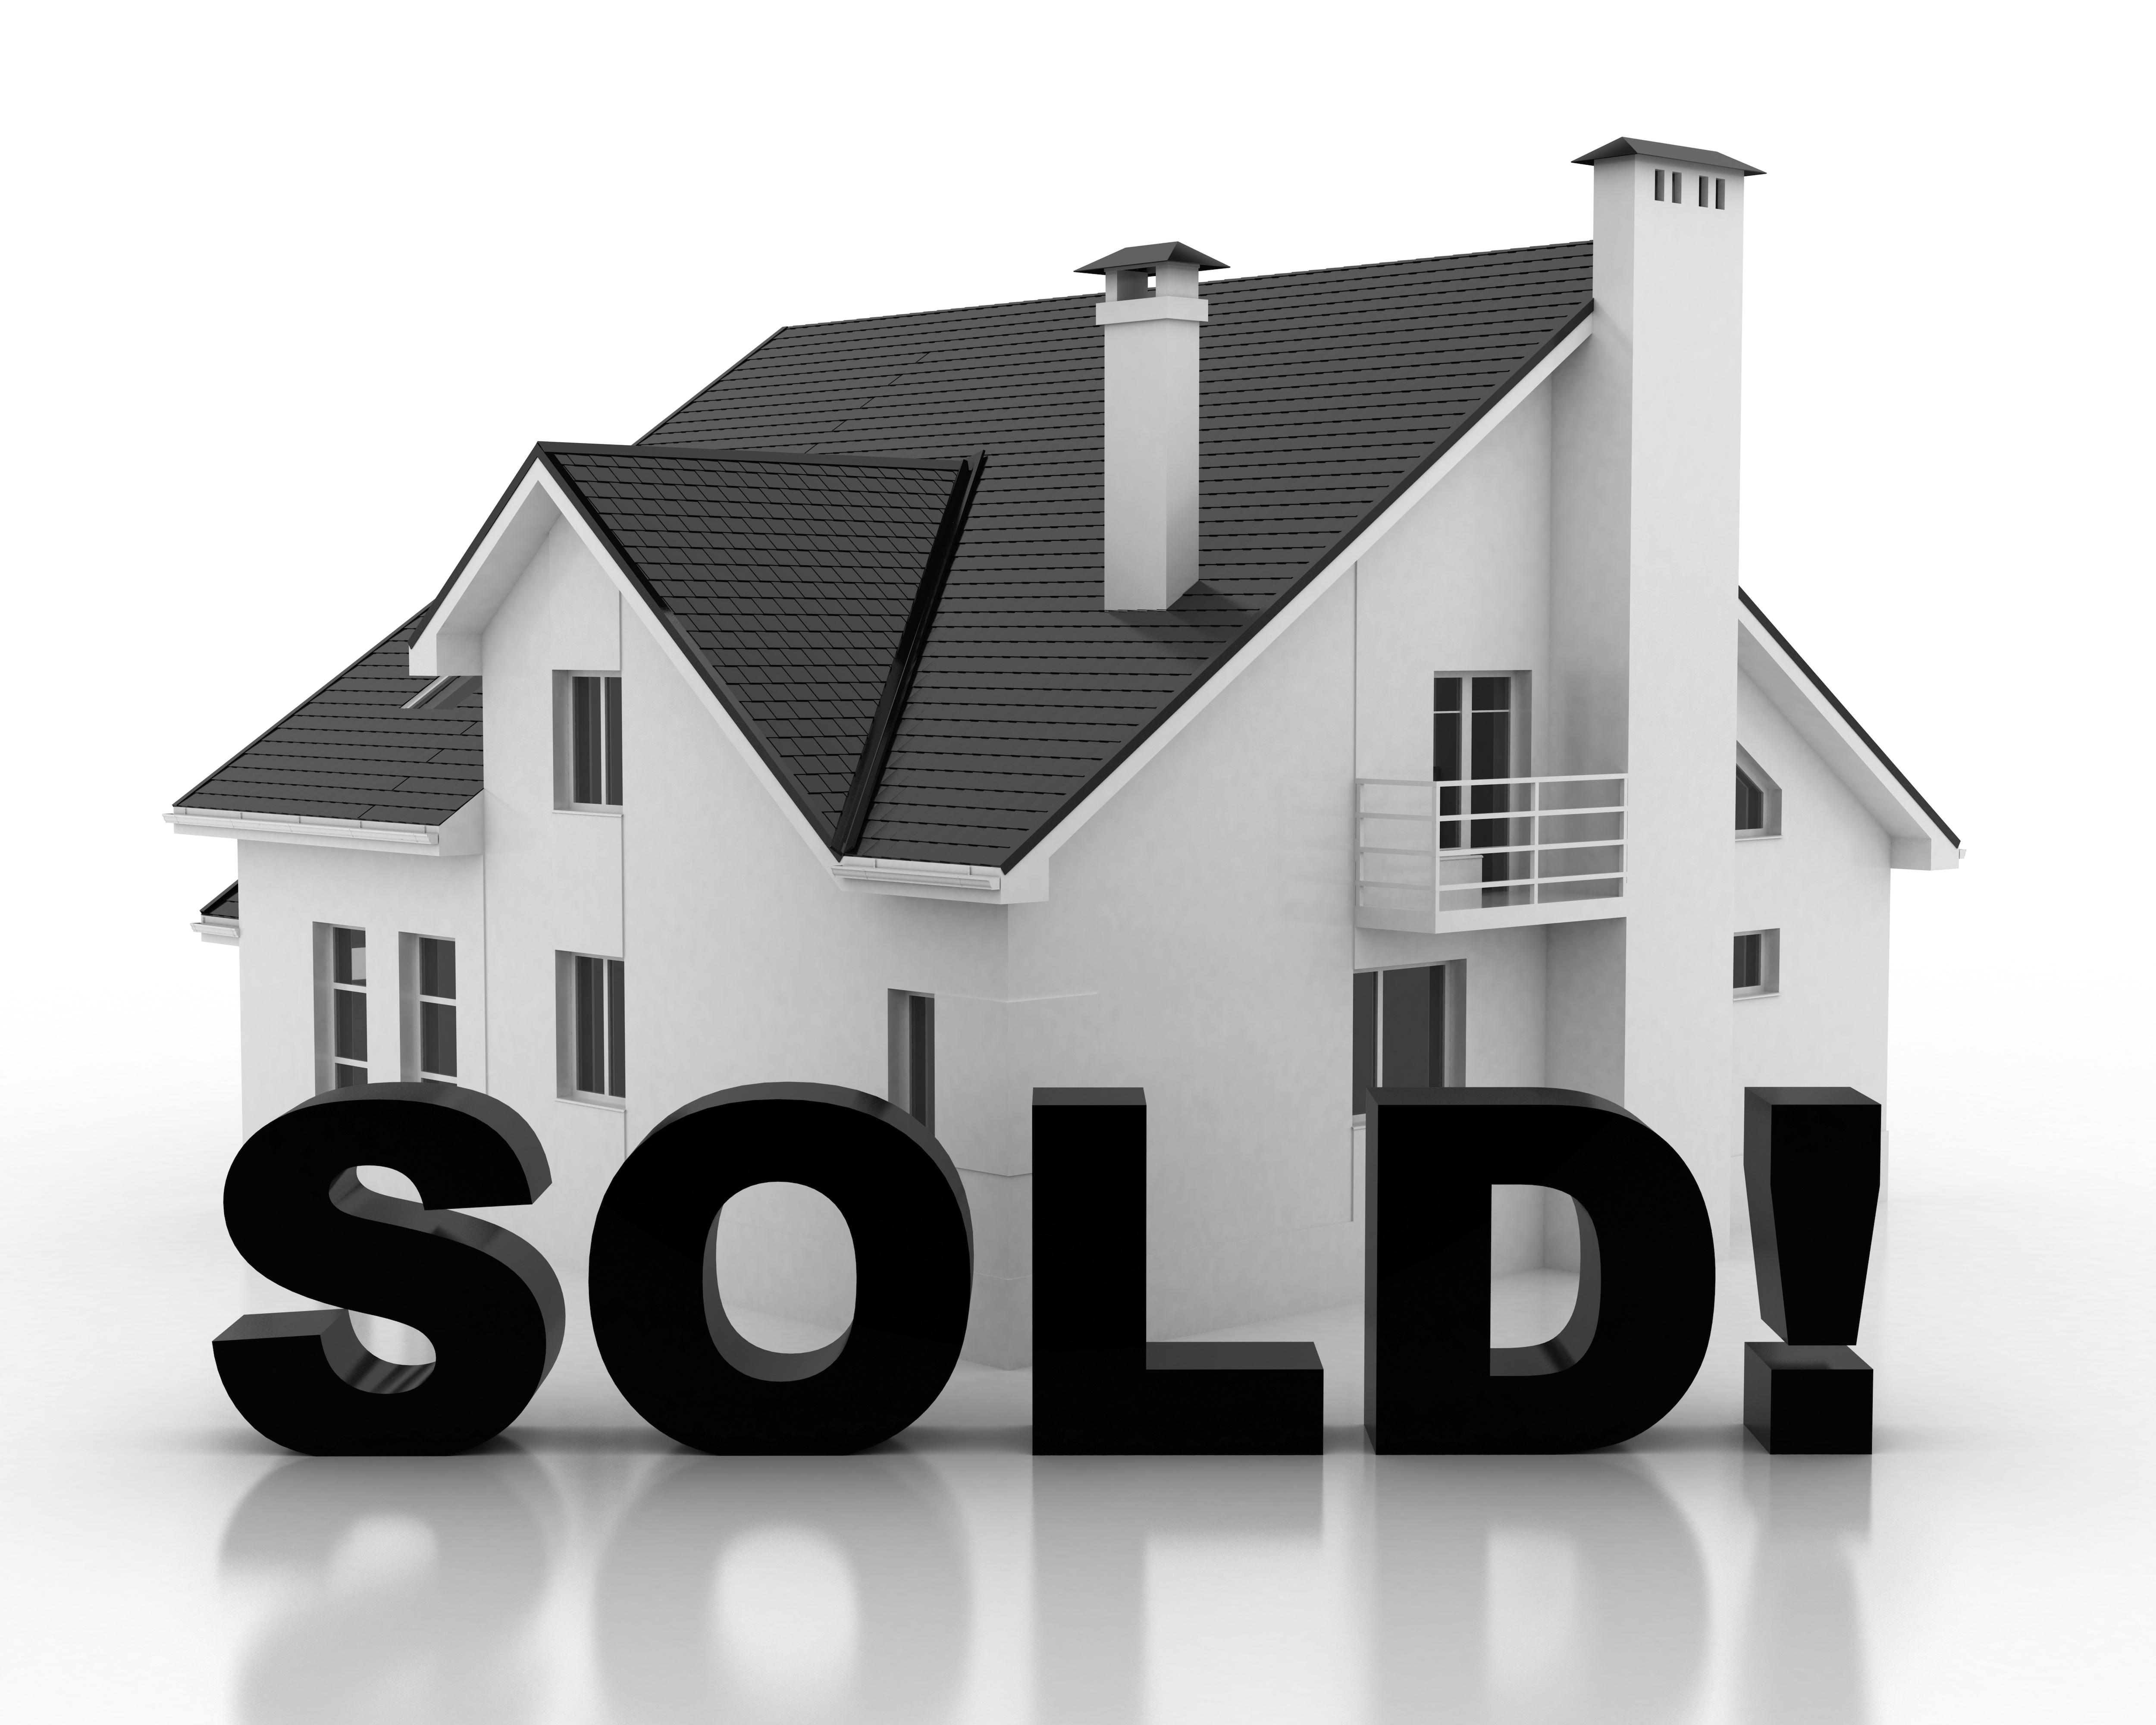 885601ef64c763d3b309_Real_Estate_SOLD_.jpg